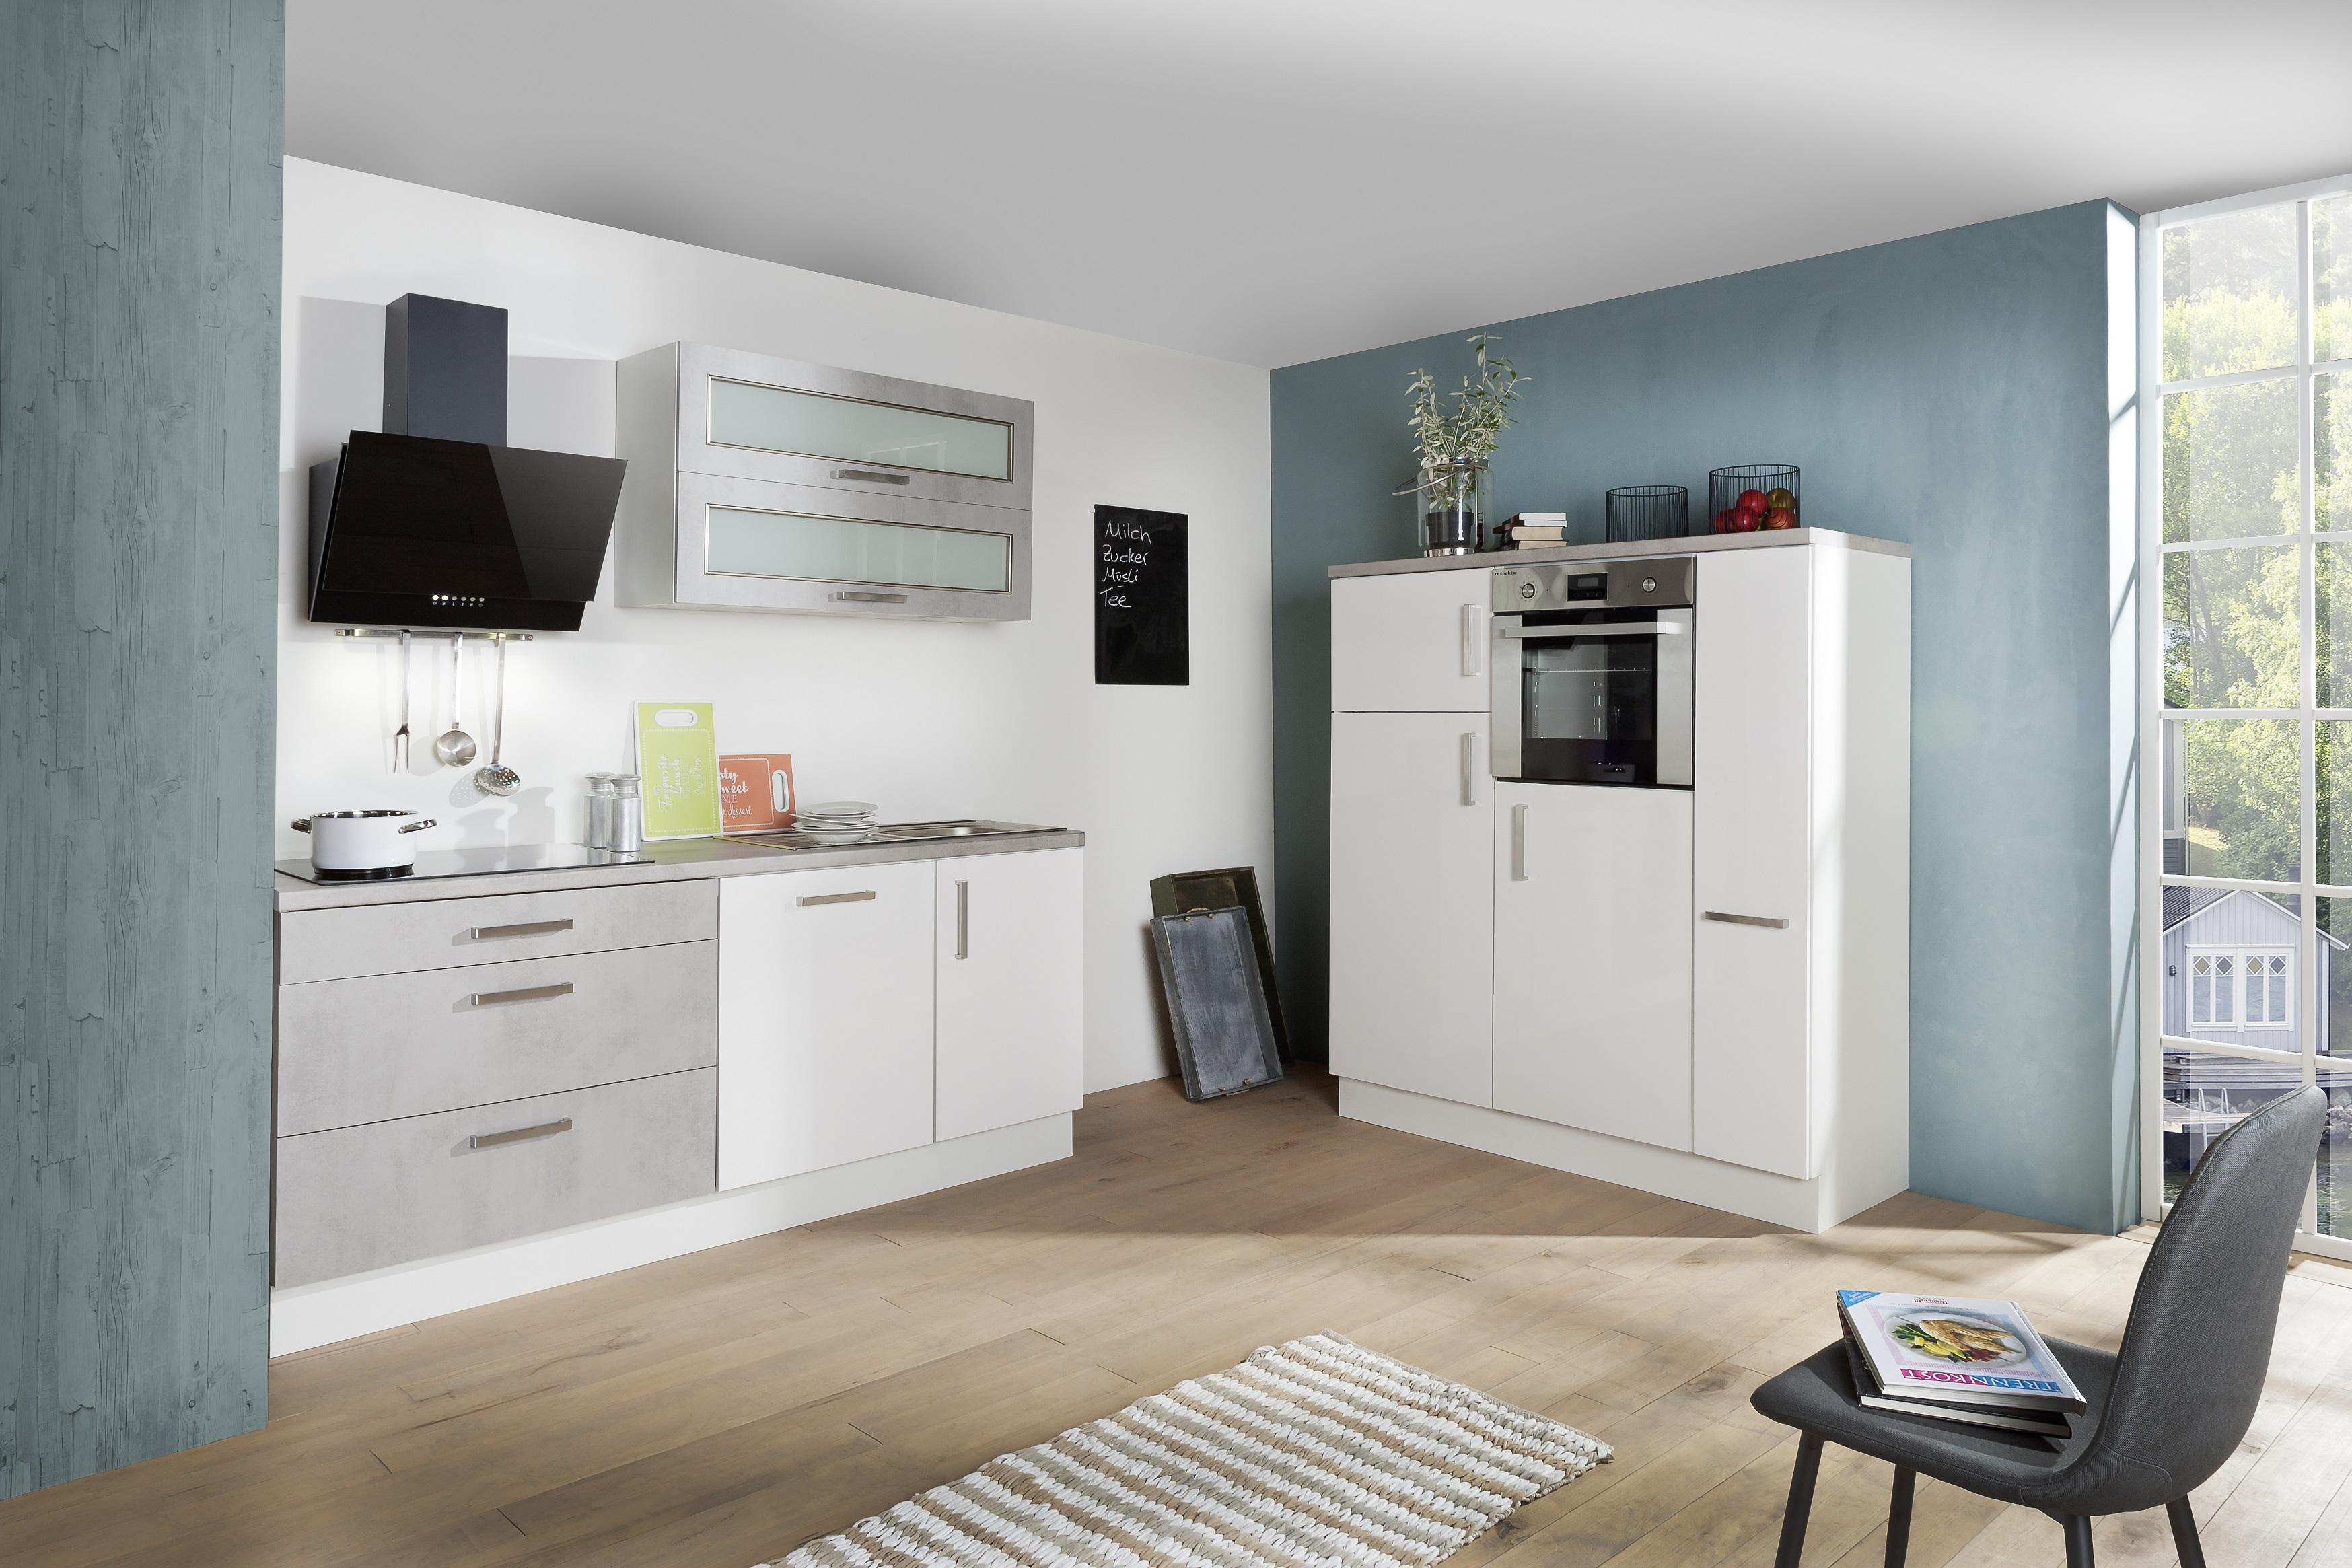 respekta Küche Küchenzeile Küchenblock Einbauküche weiß Hochglanz Beton 350 cm